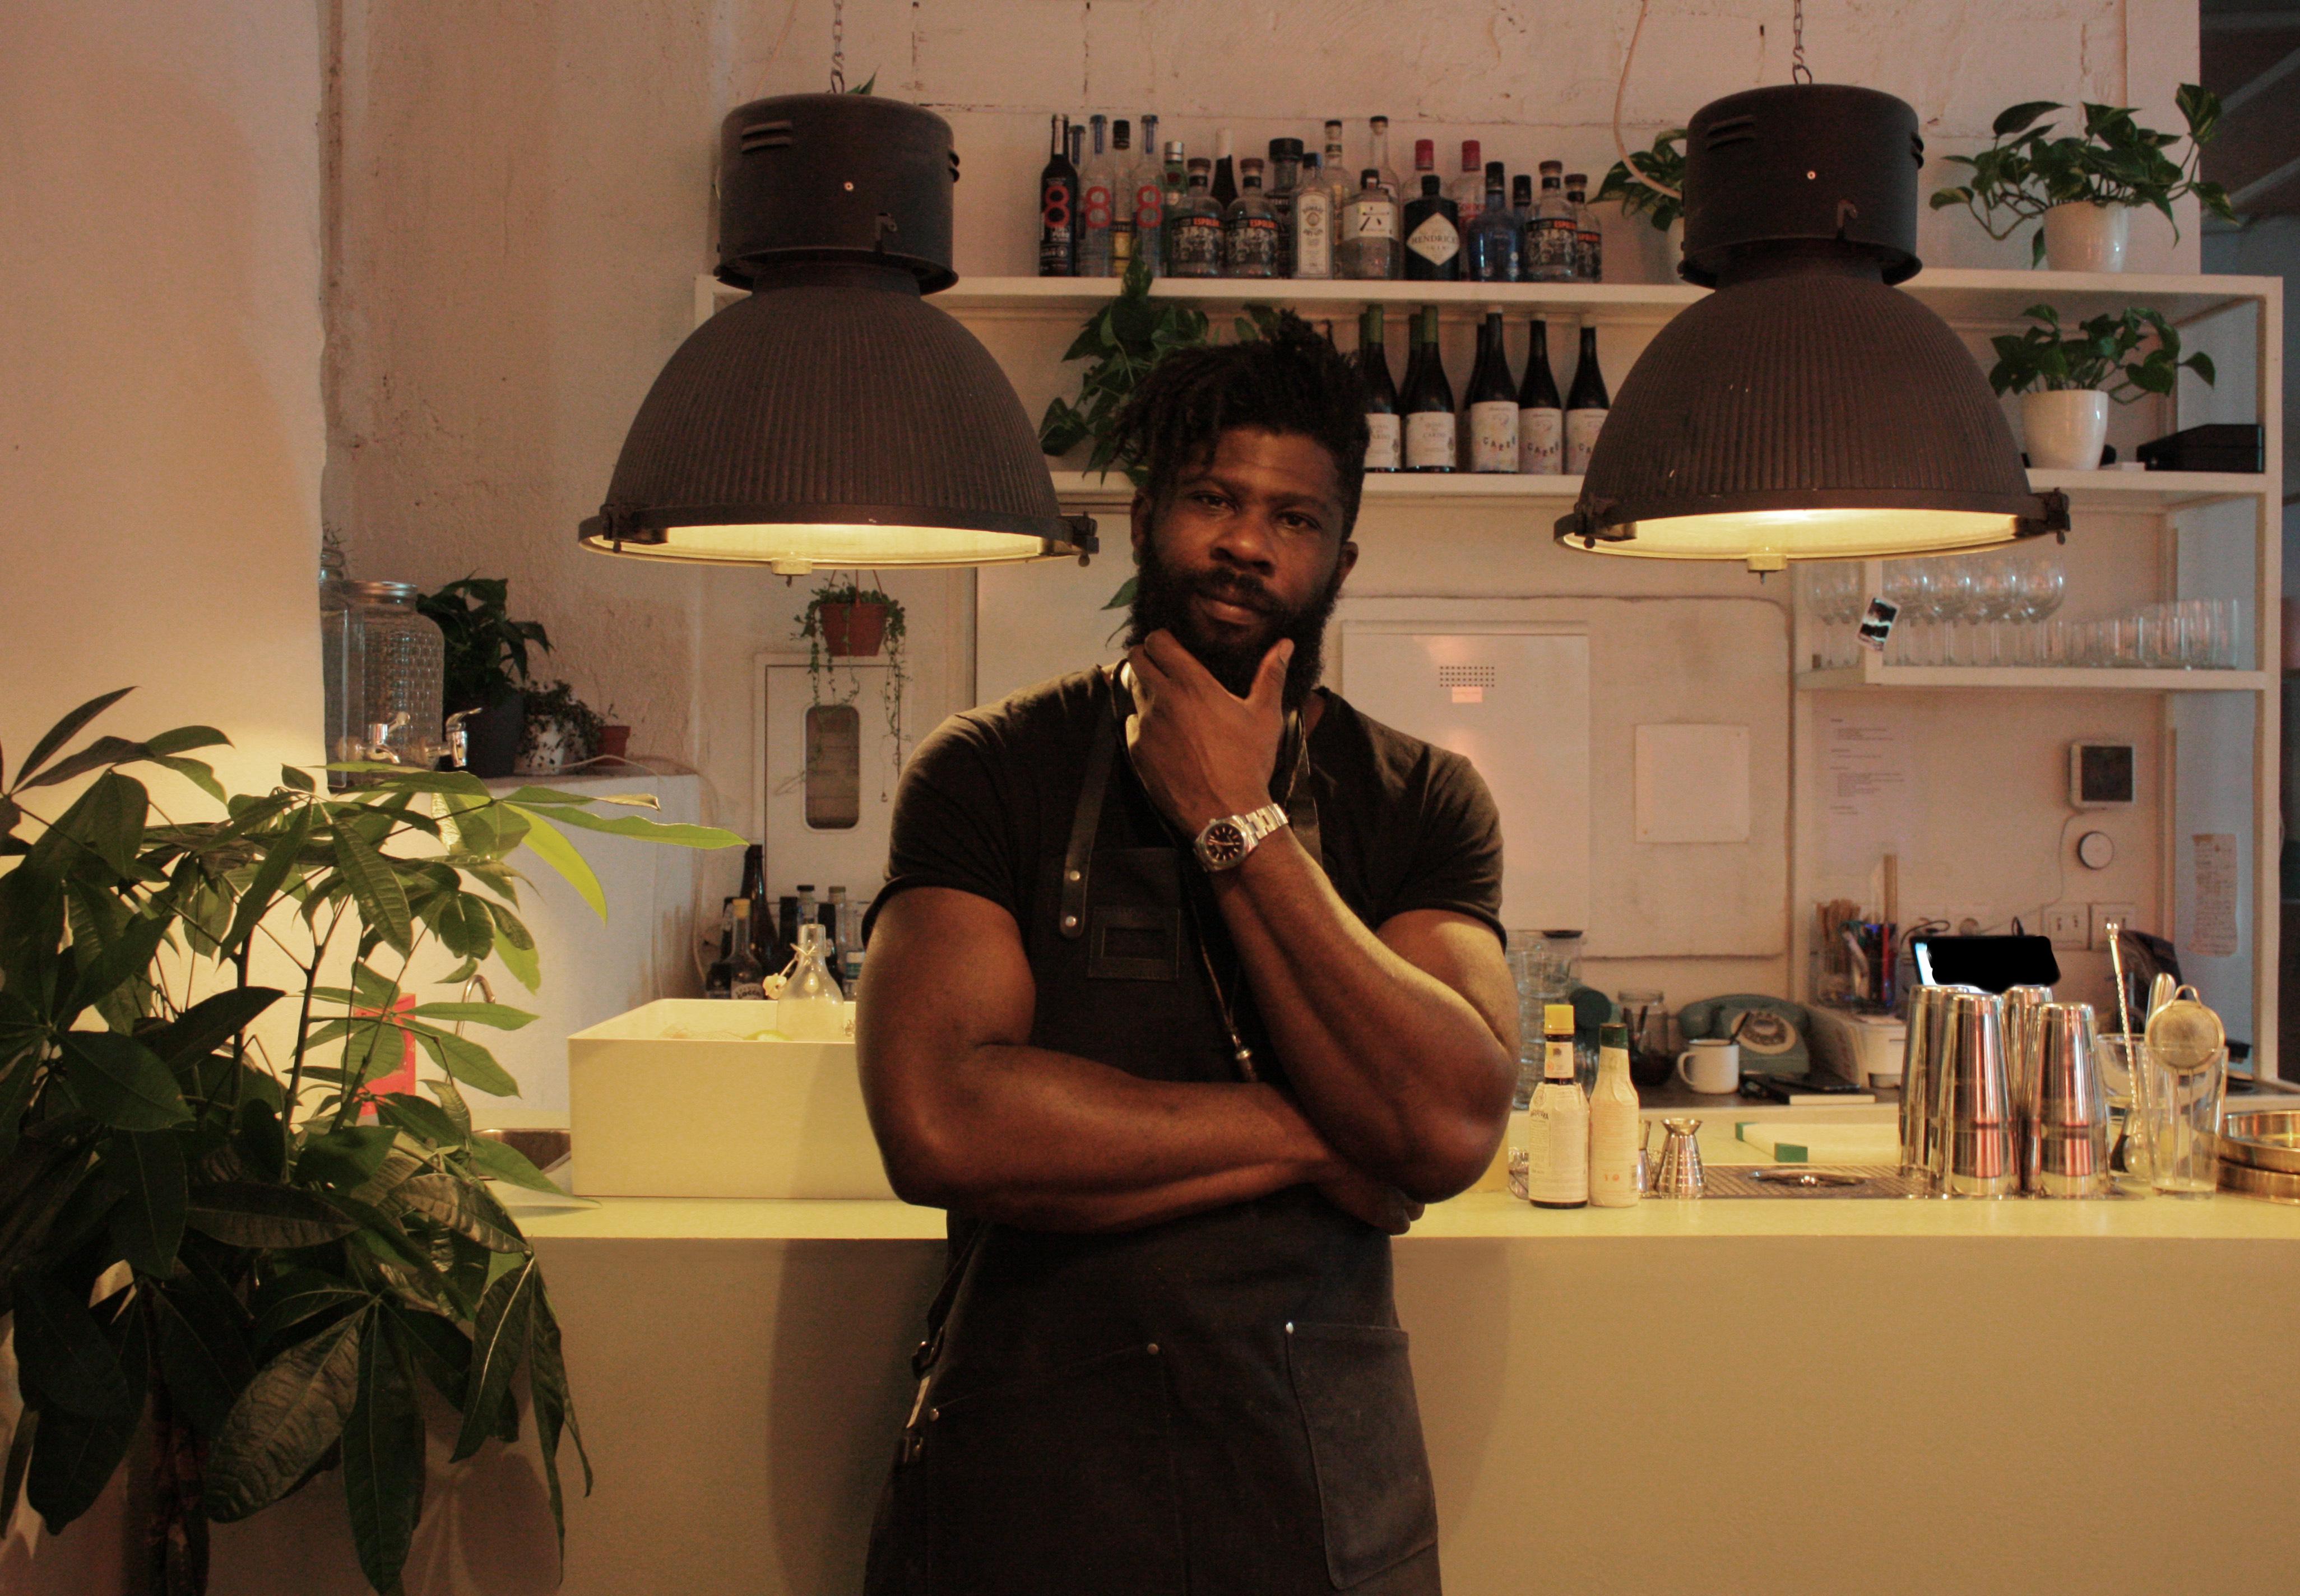 Shay Ola afirma que já há um movimento de retorno à África por parte dos chefs que são entusiasta da gastronomia do continente